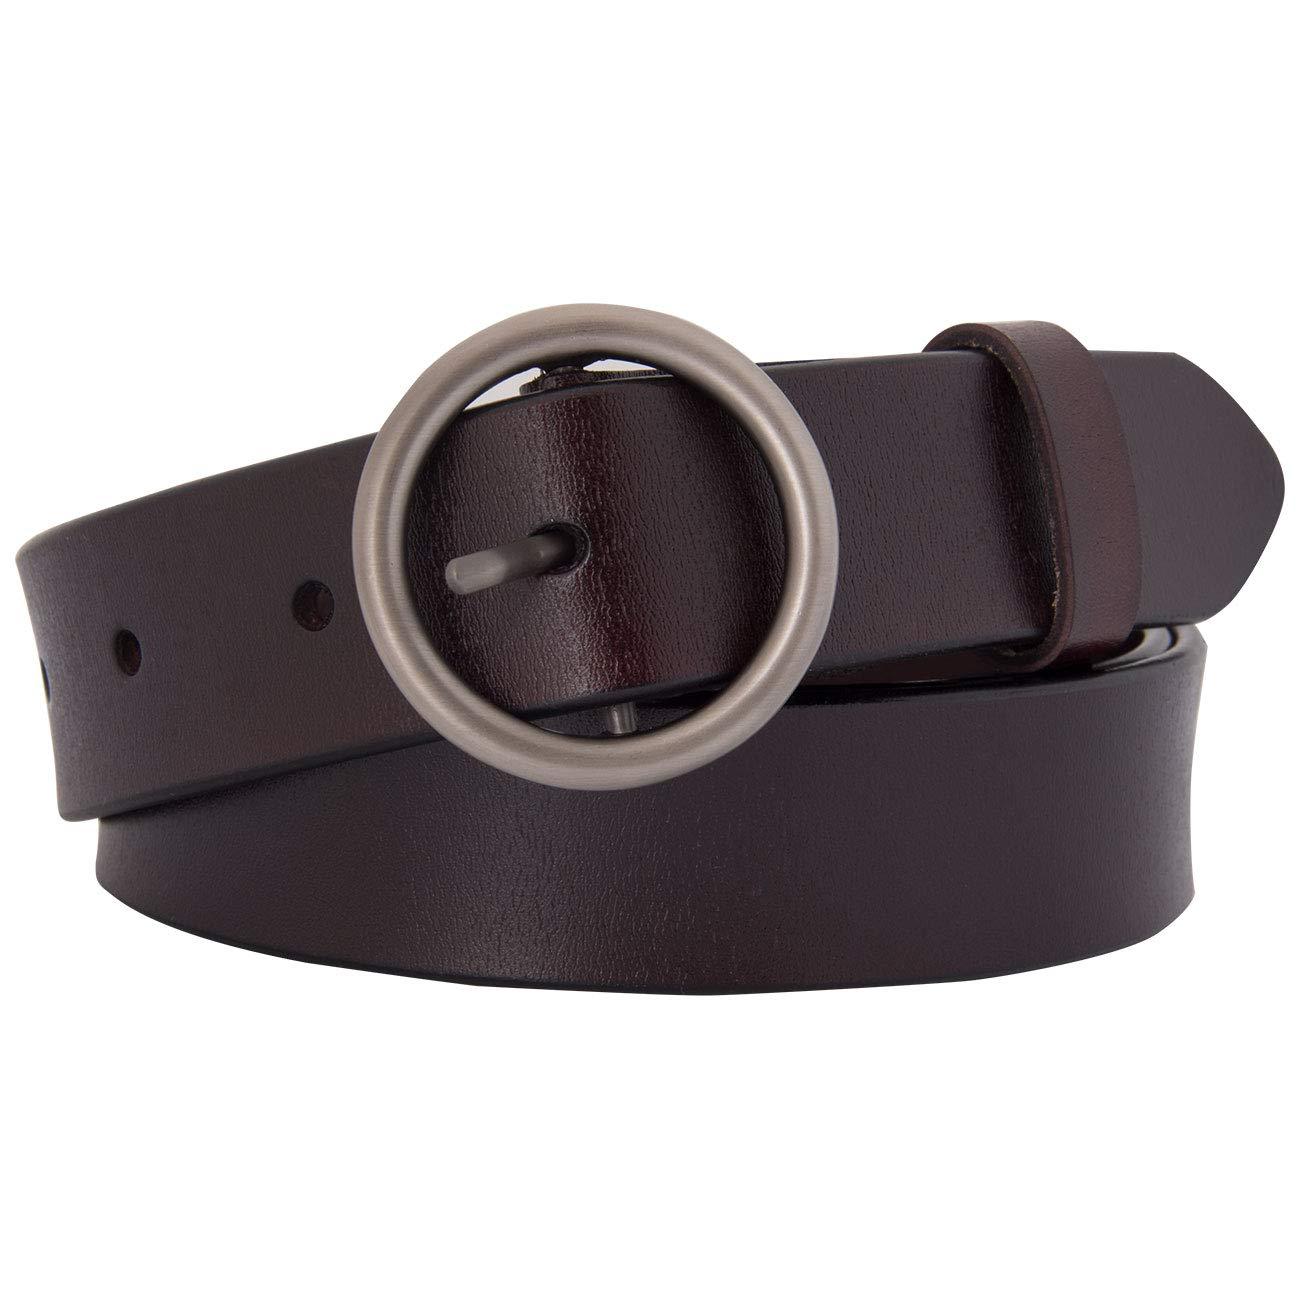 Maylisacc Ring-G/ürtel Modischer Damen-G/ürtel aus Rindsleder mit exquisiter Alu-Schnalle f/ür Jeans-Anzughose